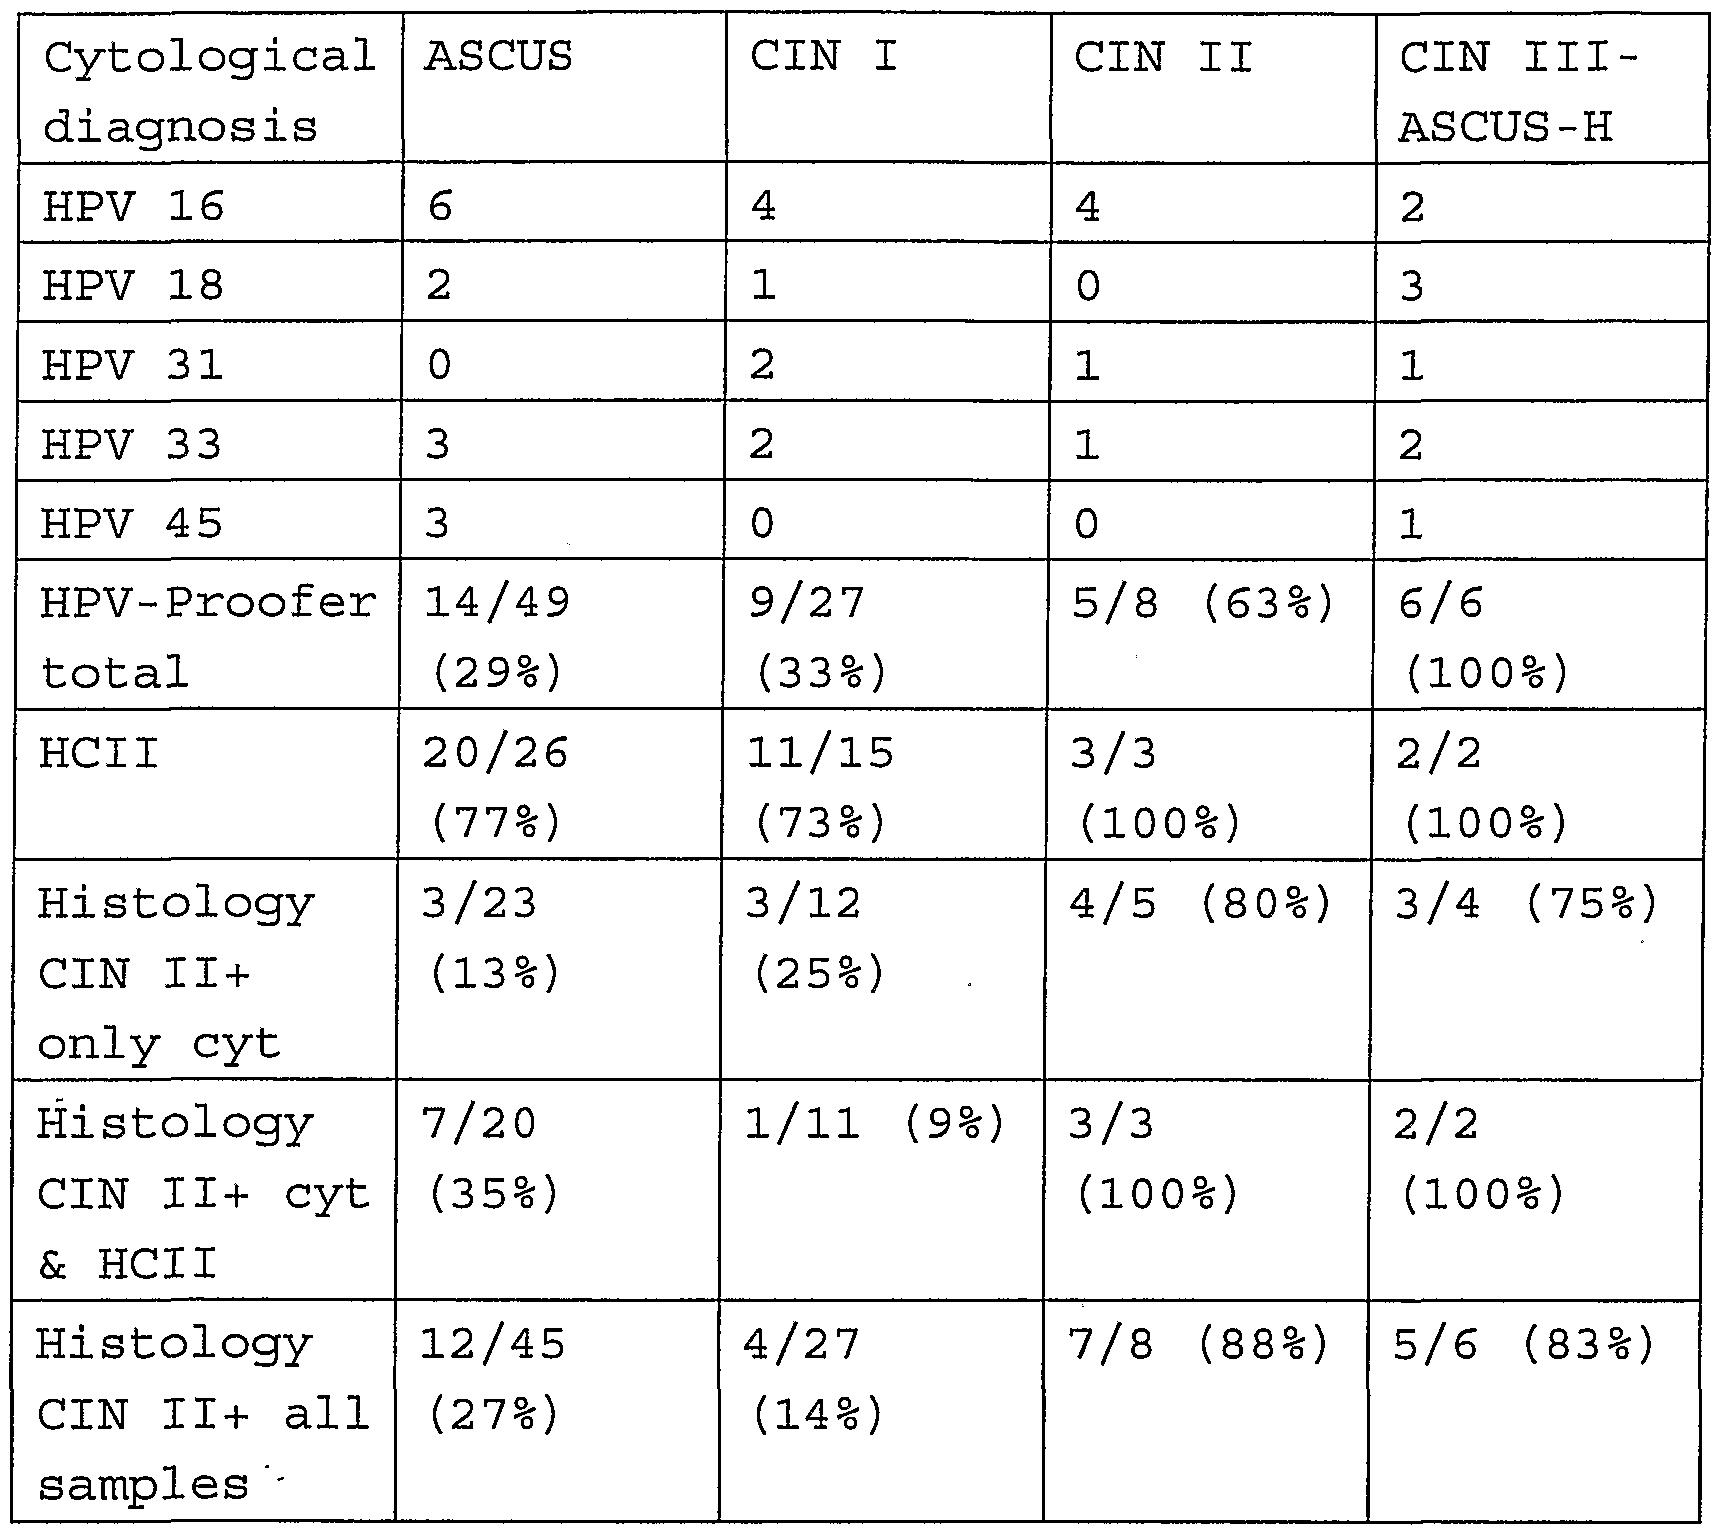 Rákszűrés (cytologia) értékelése